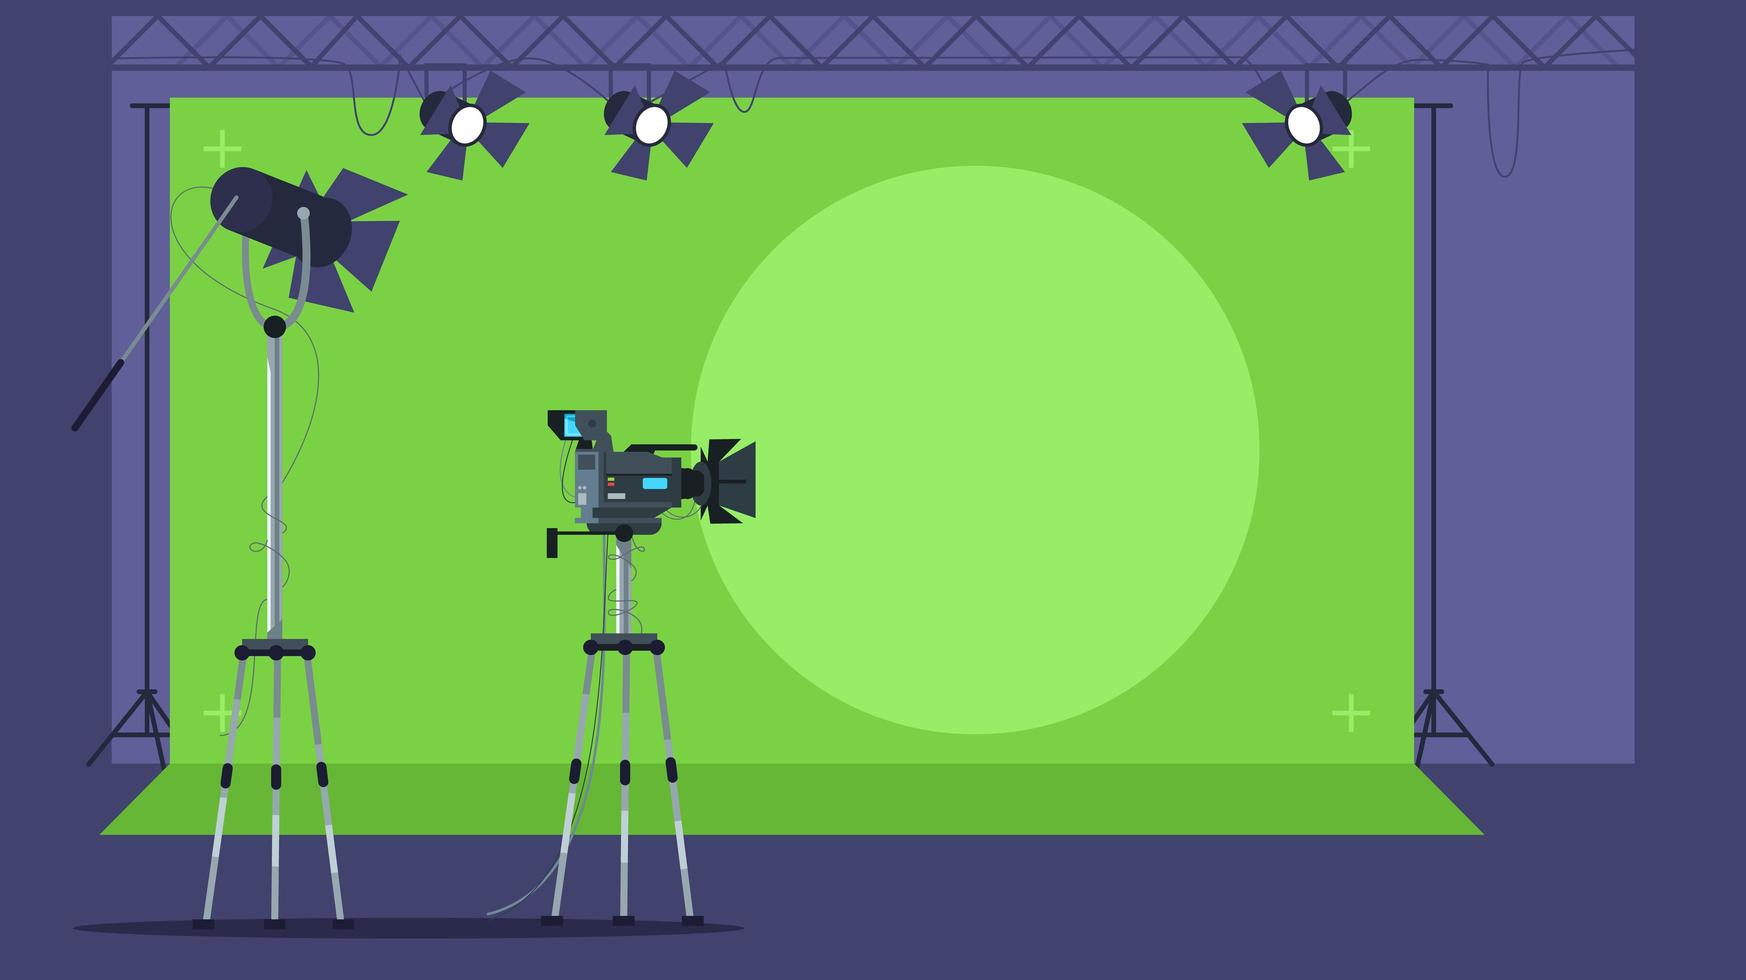 Nachrichtensendung, die halbflache Vektorillustration filmt vektor